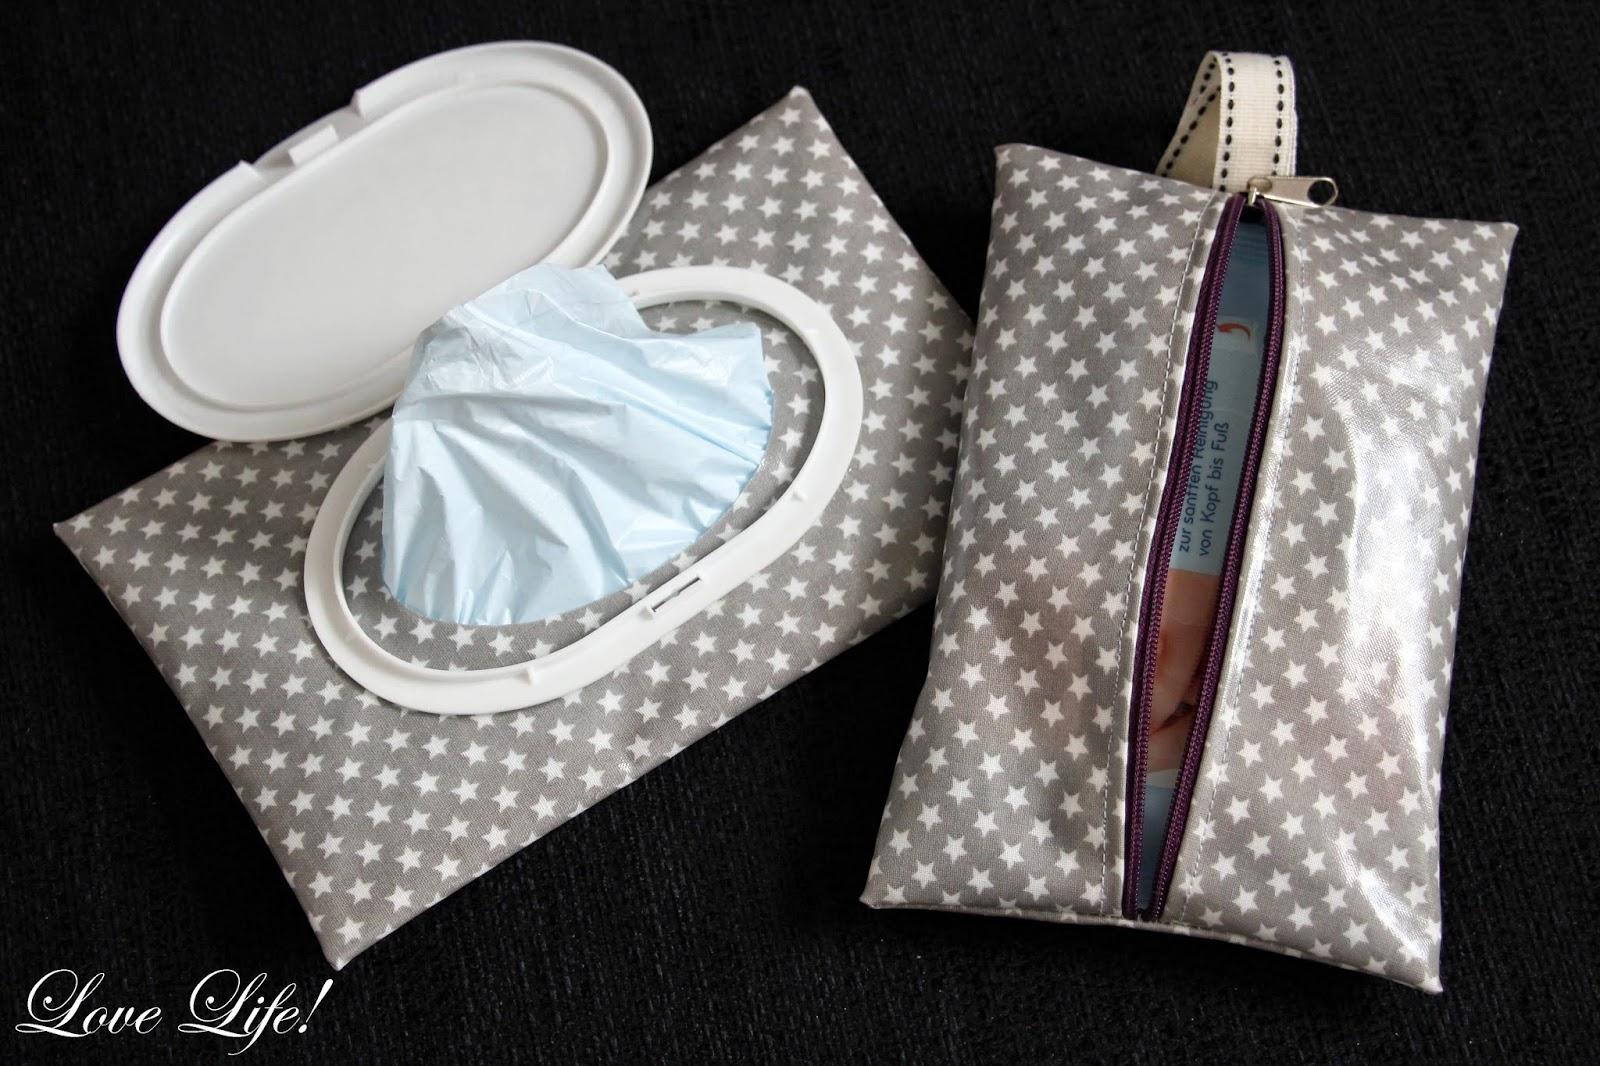 love life baby sets feuchttuch tasche und. Black Bedroom Furniture Sets. Home Design Ideas